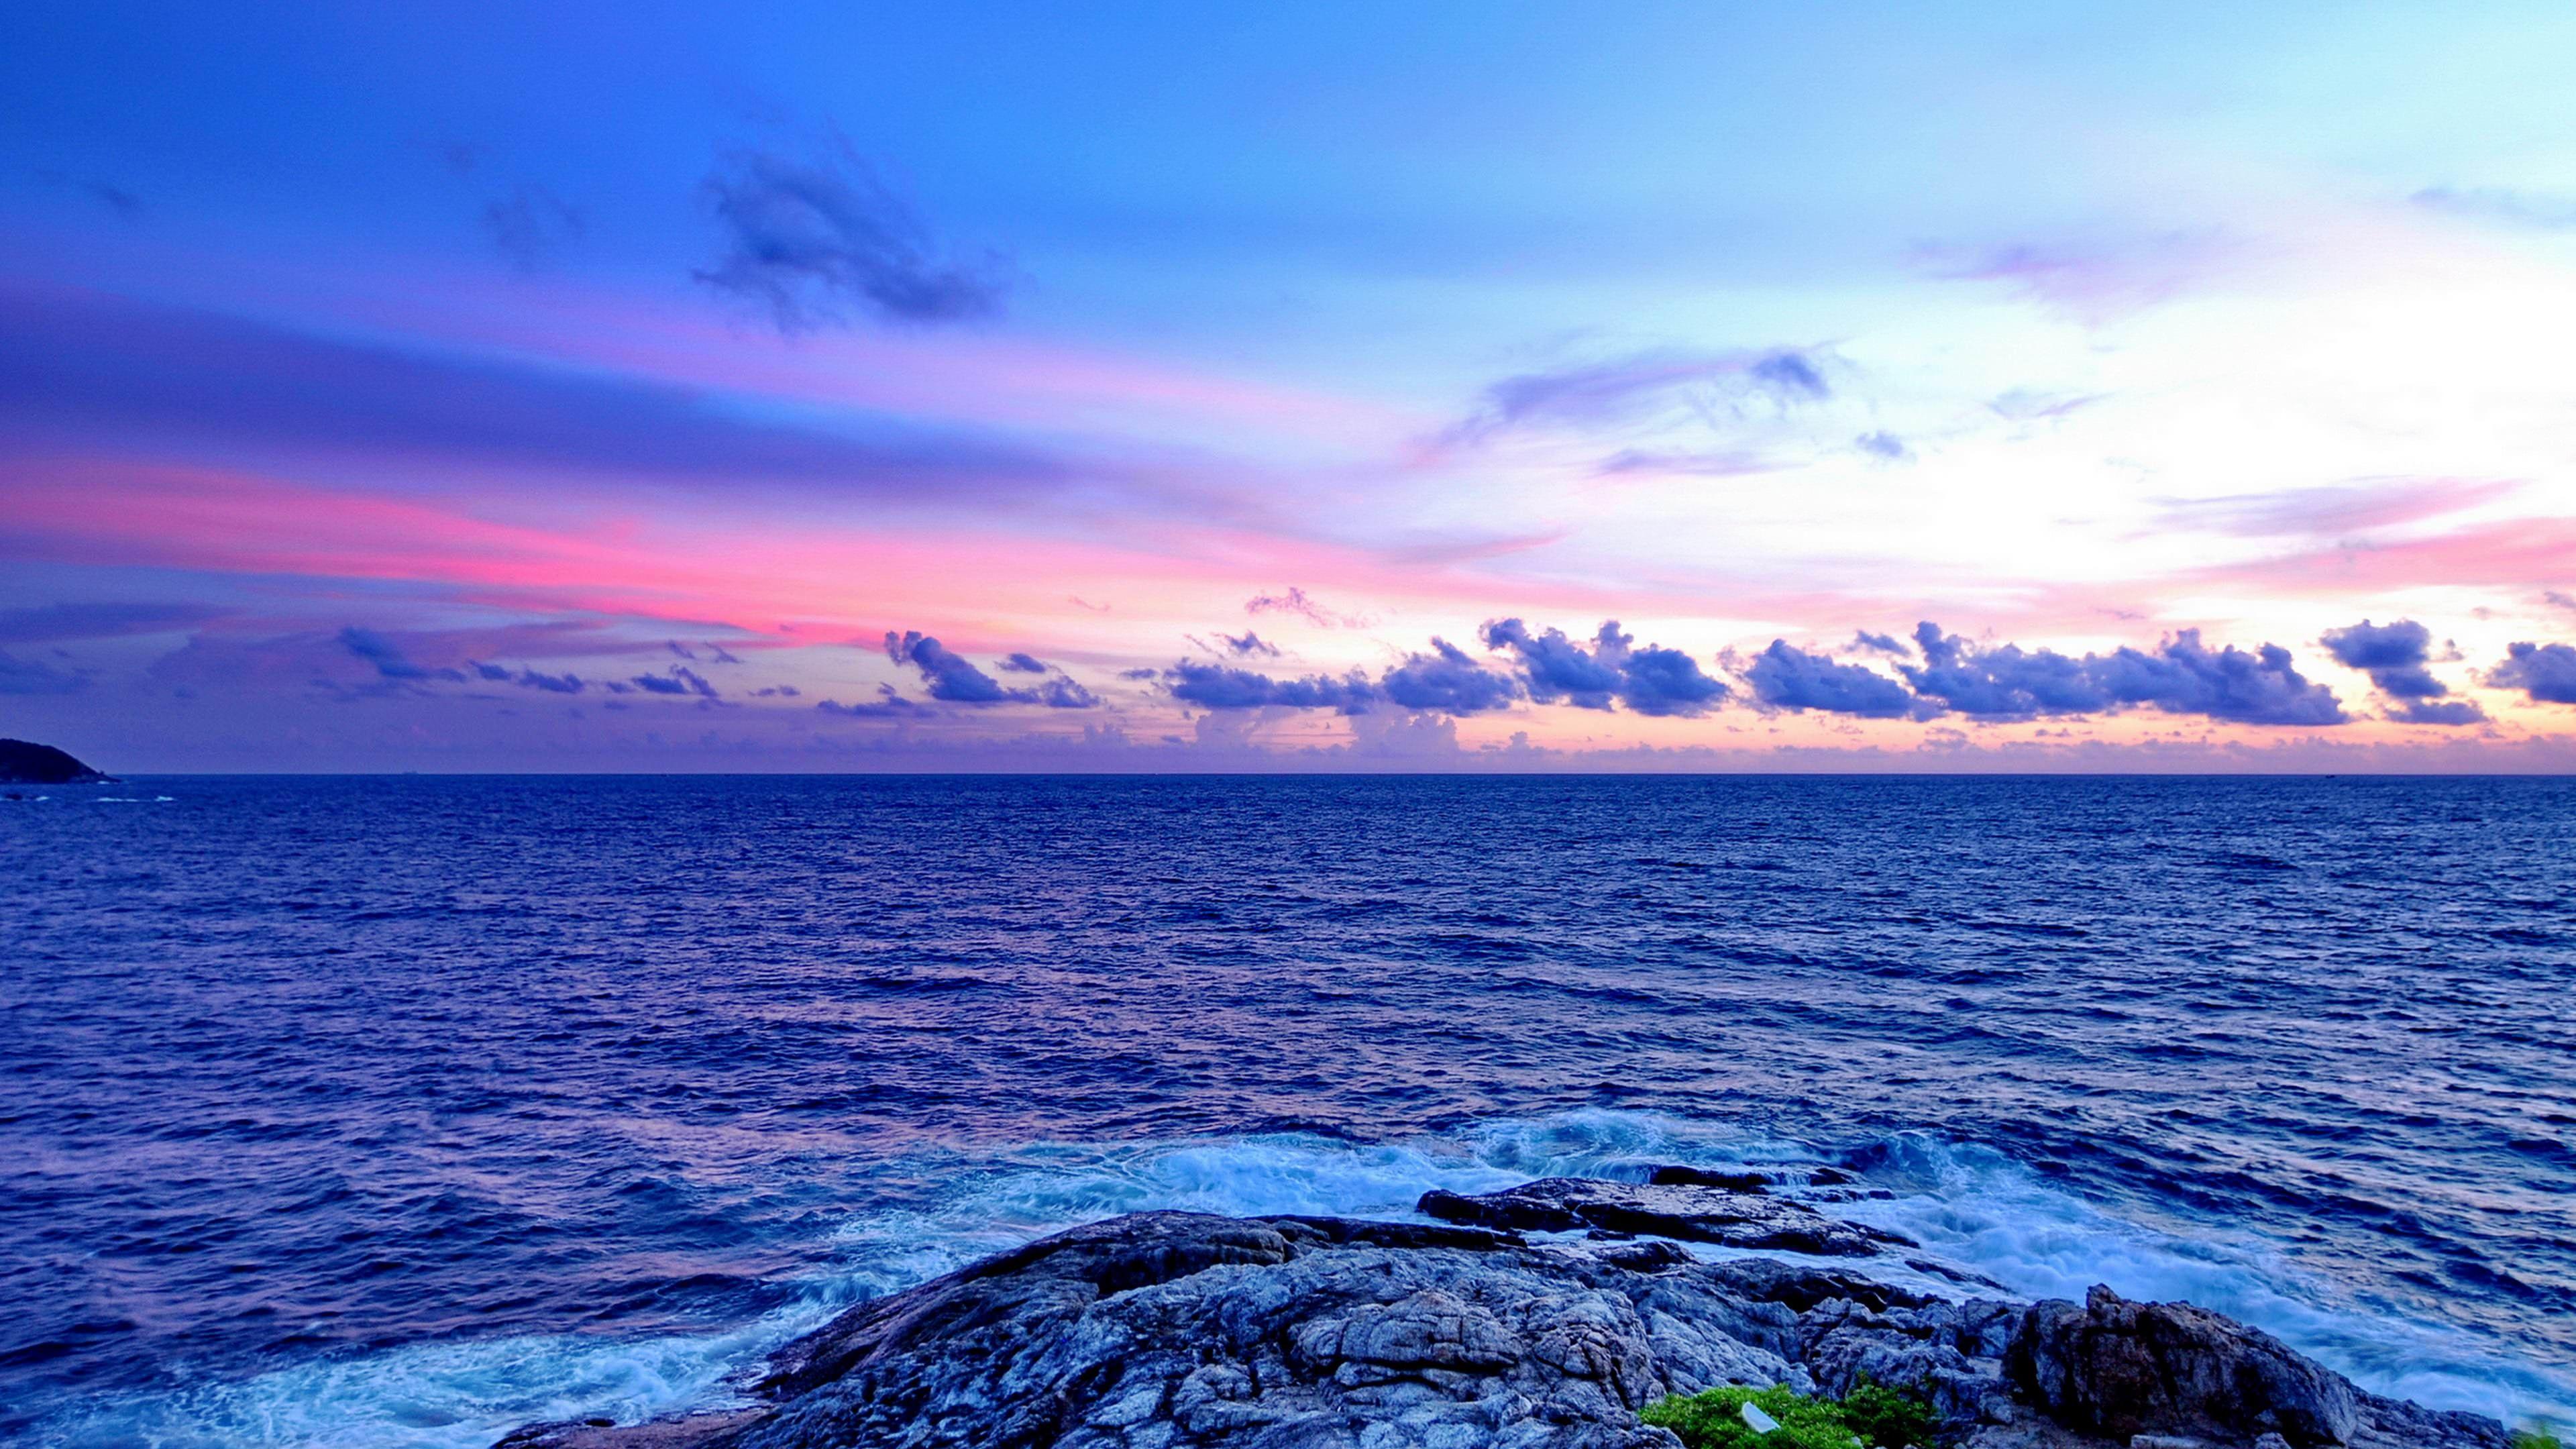 Mobile And Desktop Wallpaper Hd Ocean Landscape Hd Landscape Landscape Wallpaper